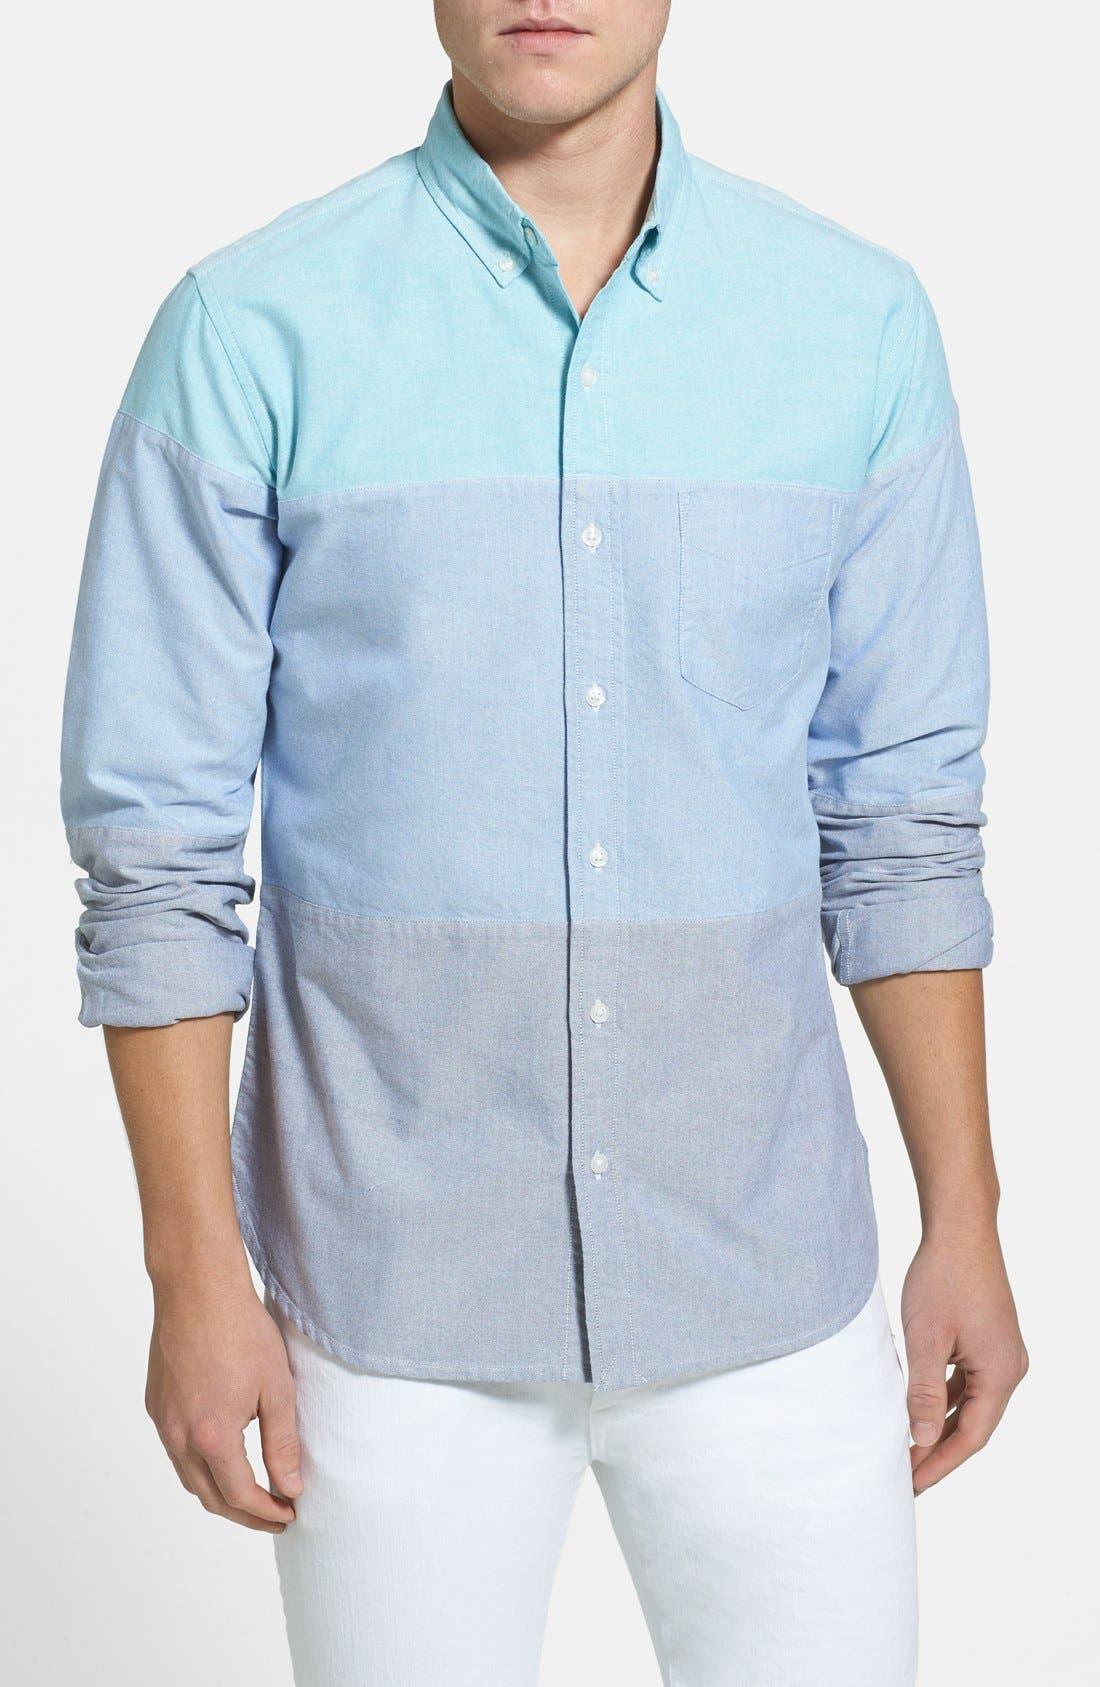 Main Image - Bonobos Slim Fit Colorblock Oxford Sport Shirt